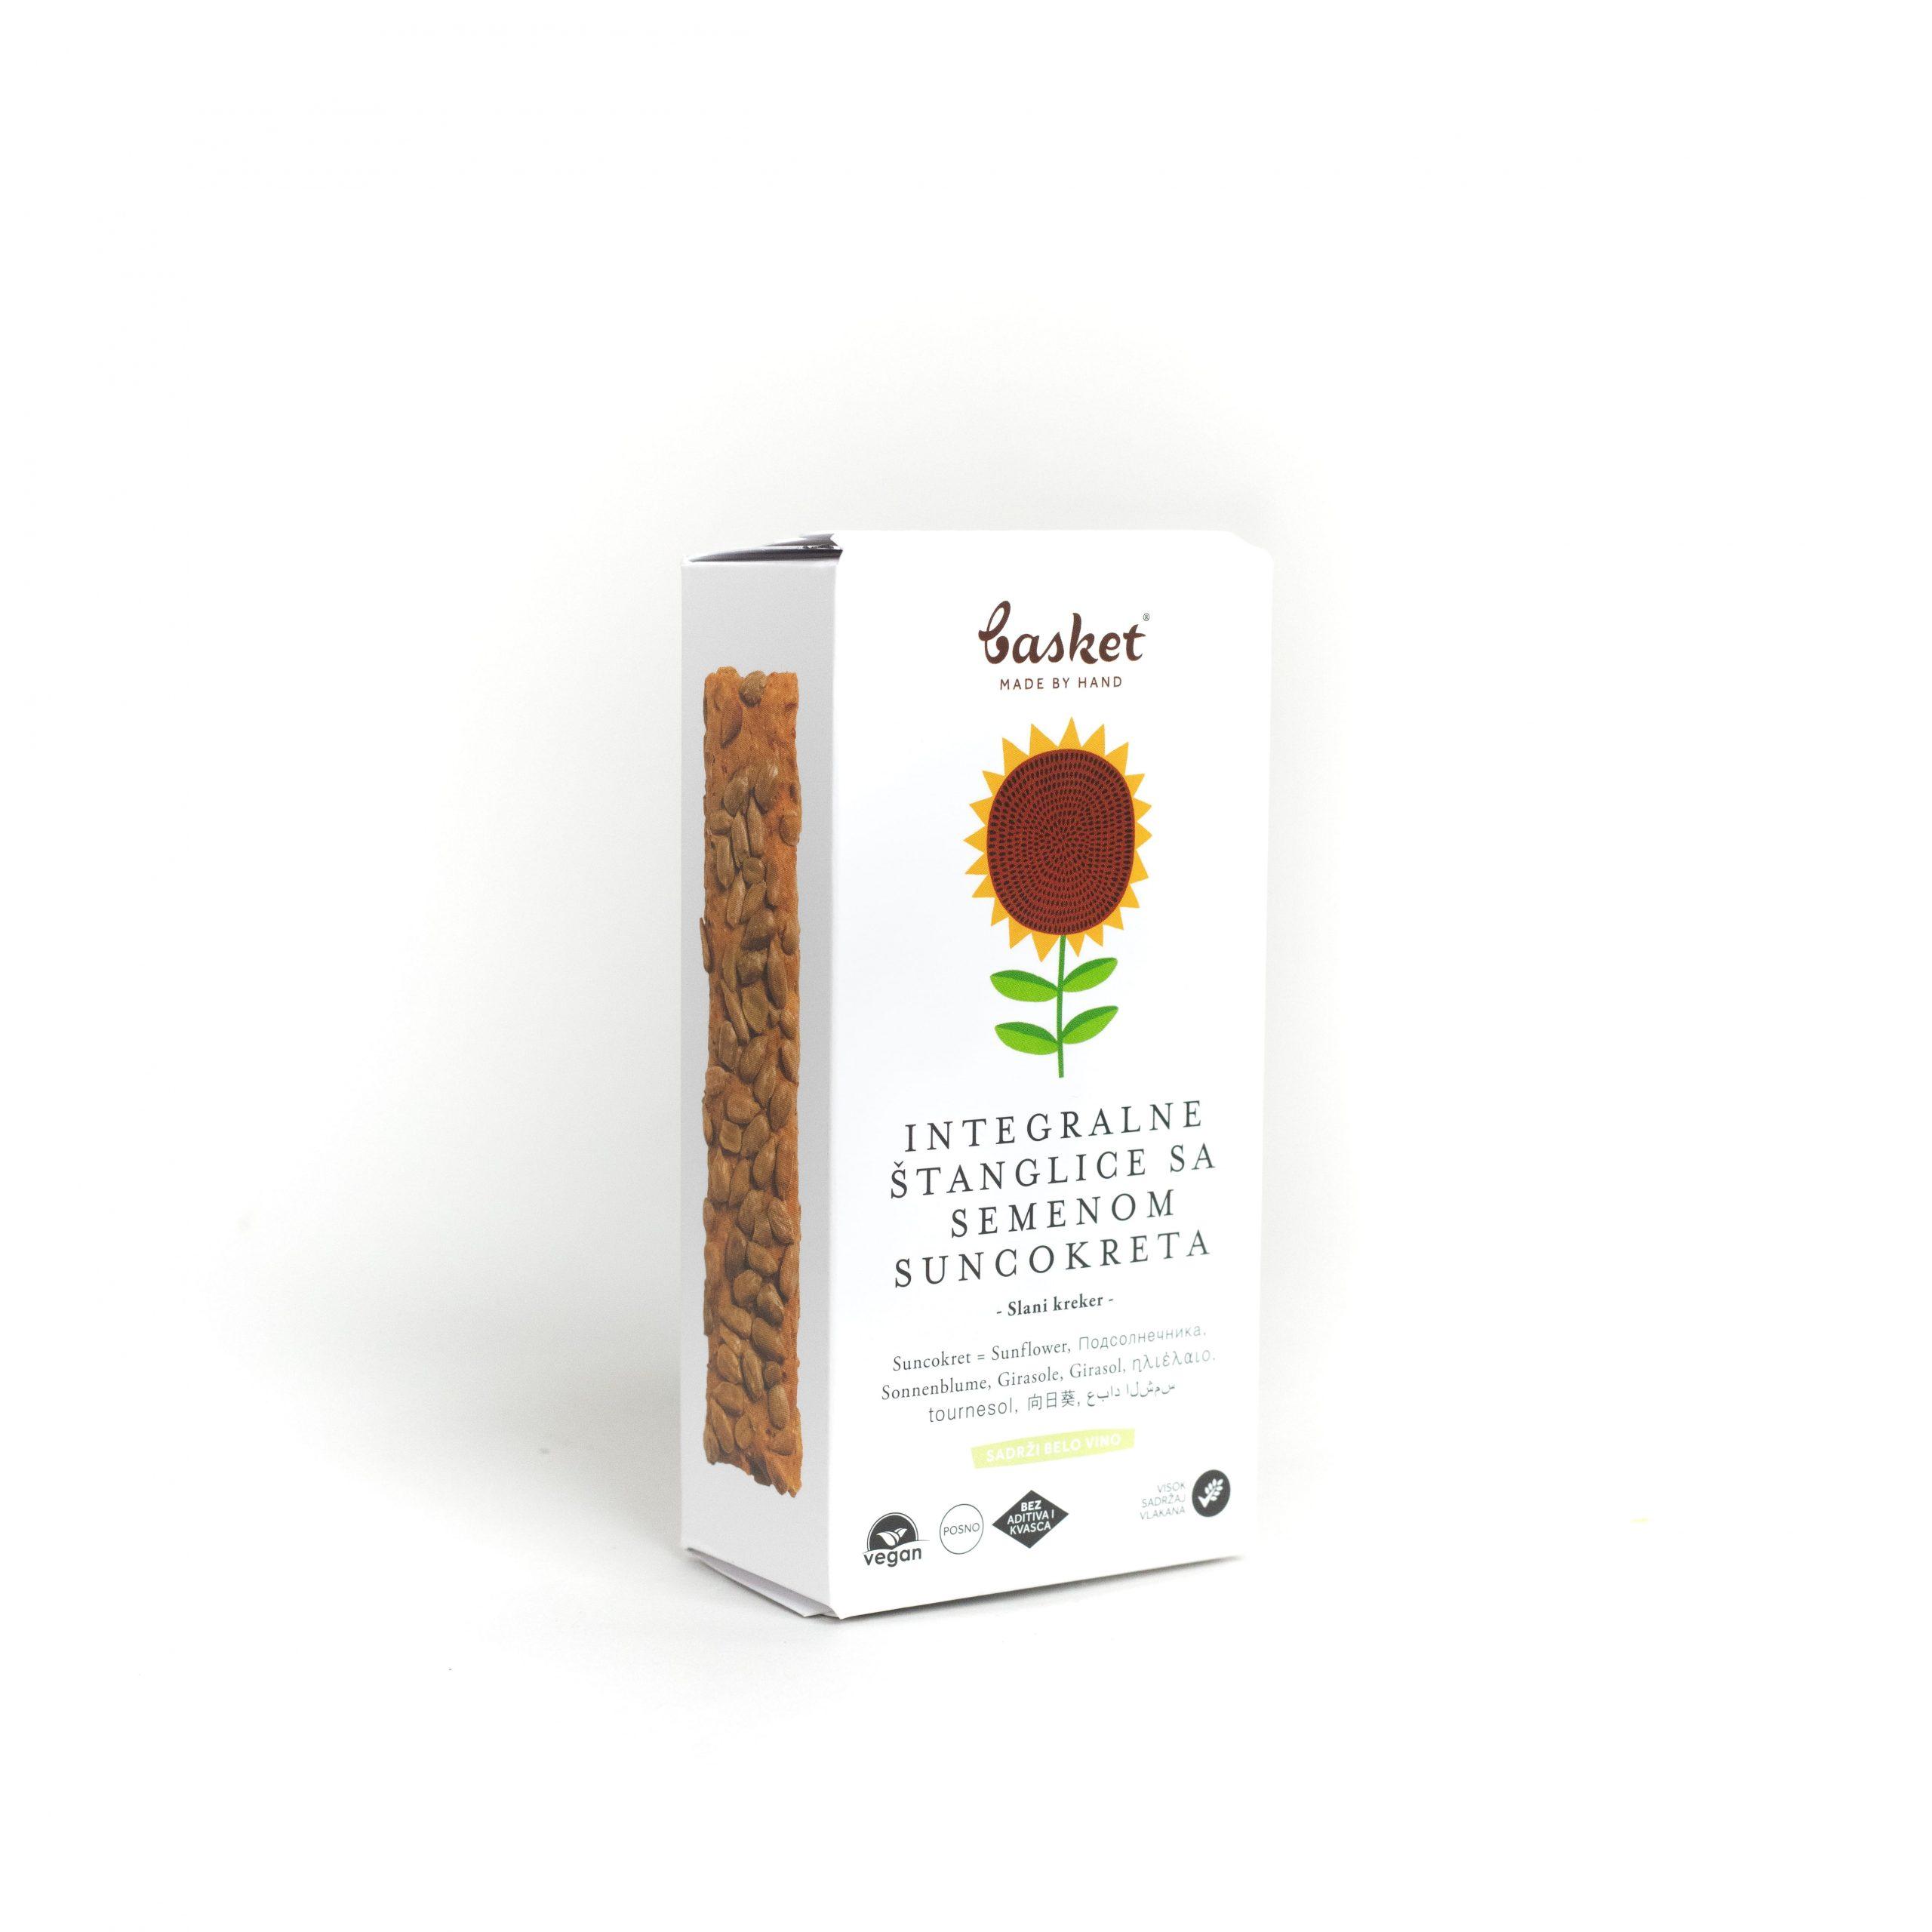 Integralne štanglice sa semenom suncokreta